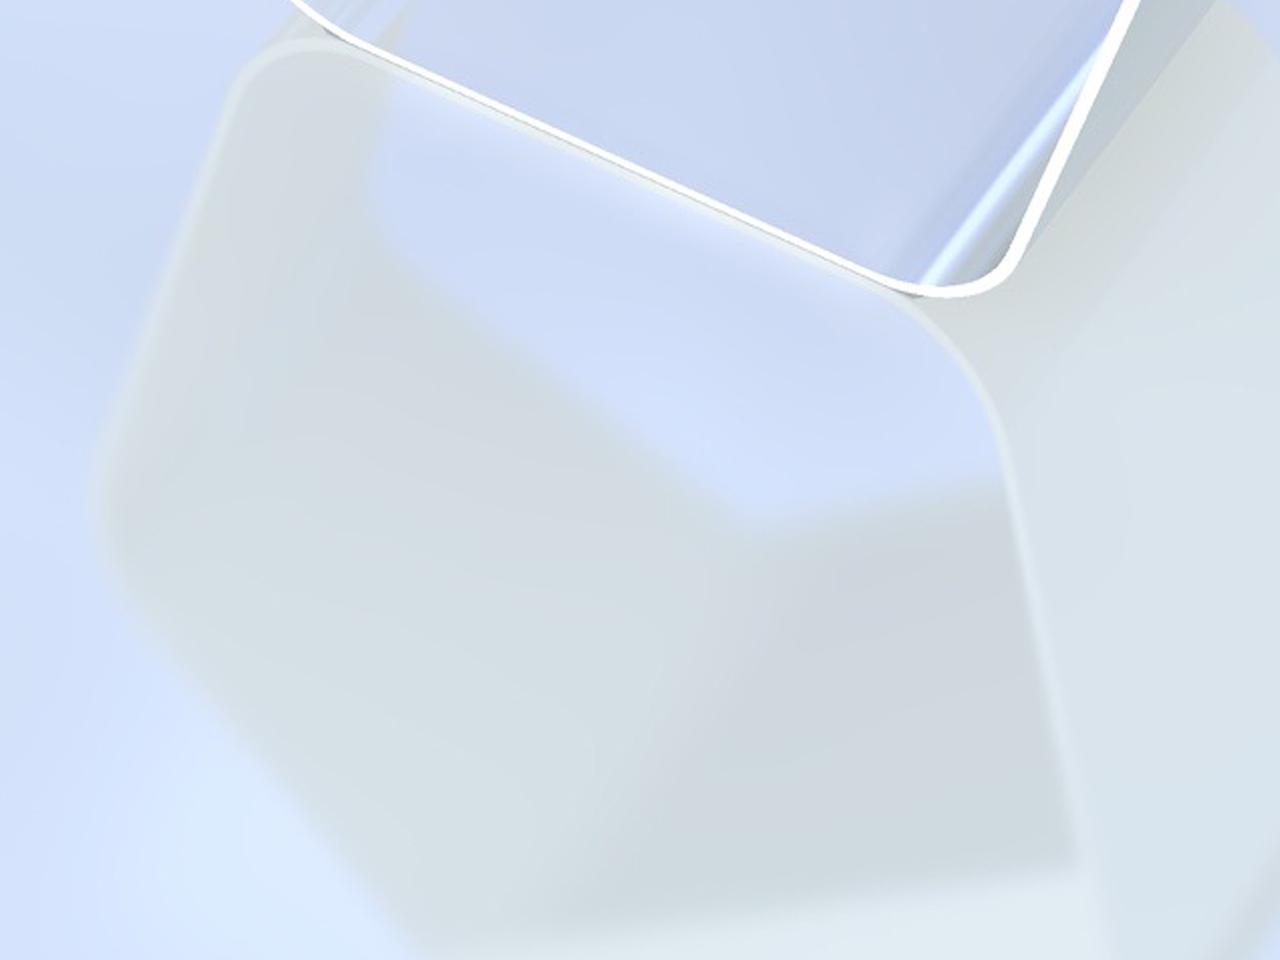 Ce prototype de lampe extérieure en acier inoxydable offre un éclairage original. Ce luminaire extérieur design est une création originale signée LYX Luminaires et désignée par Claude Robin. Au stade de prototype, cette lampe extérieure originale rejoint les créations lumineuses LYX Luminaires, aux côtés des collections de lampes solaires et lampes extérieures LED. La collection de luminaires d'extérieur LYX Luminaires se compose d'applique murale solaire, de borne extérieure solaire, de lanterne solaire, d'applique murale LED, de borne extérieure LED, de spot extérieur LED. Toute les lampes extérieures LYX Luminaires sont de fabrication française. Elles offrent un éclairage performant et un éclairage original grâce à leur design moderne. Nos lampes extérieures sont des lampes extérieures de qualité, des lampes design, des lampes autonomes et équipées de détecteur de mouvement / détecteur de présence.